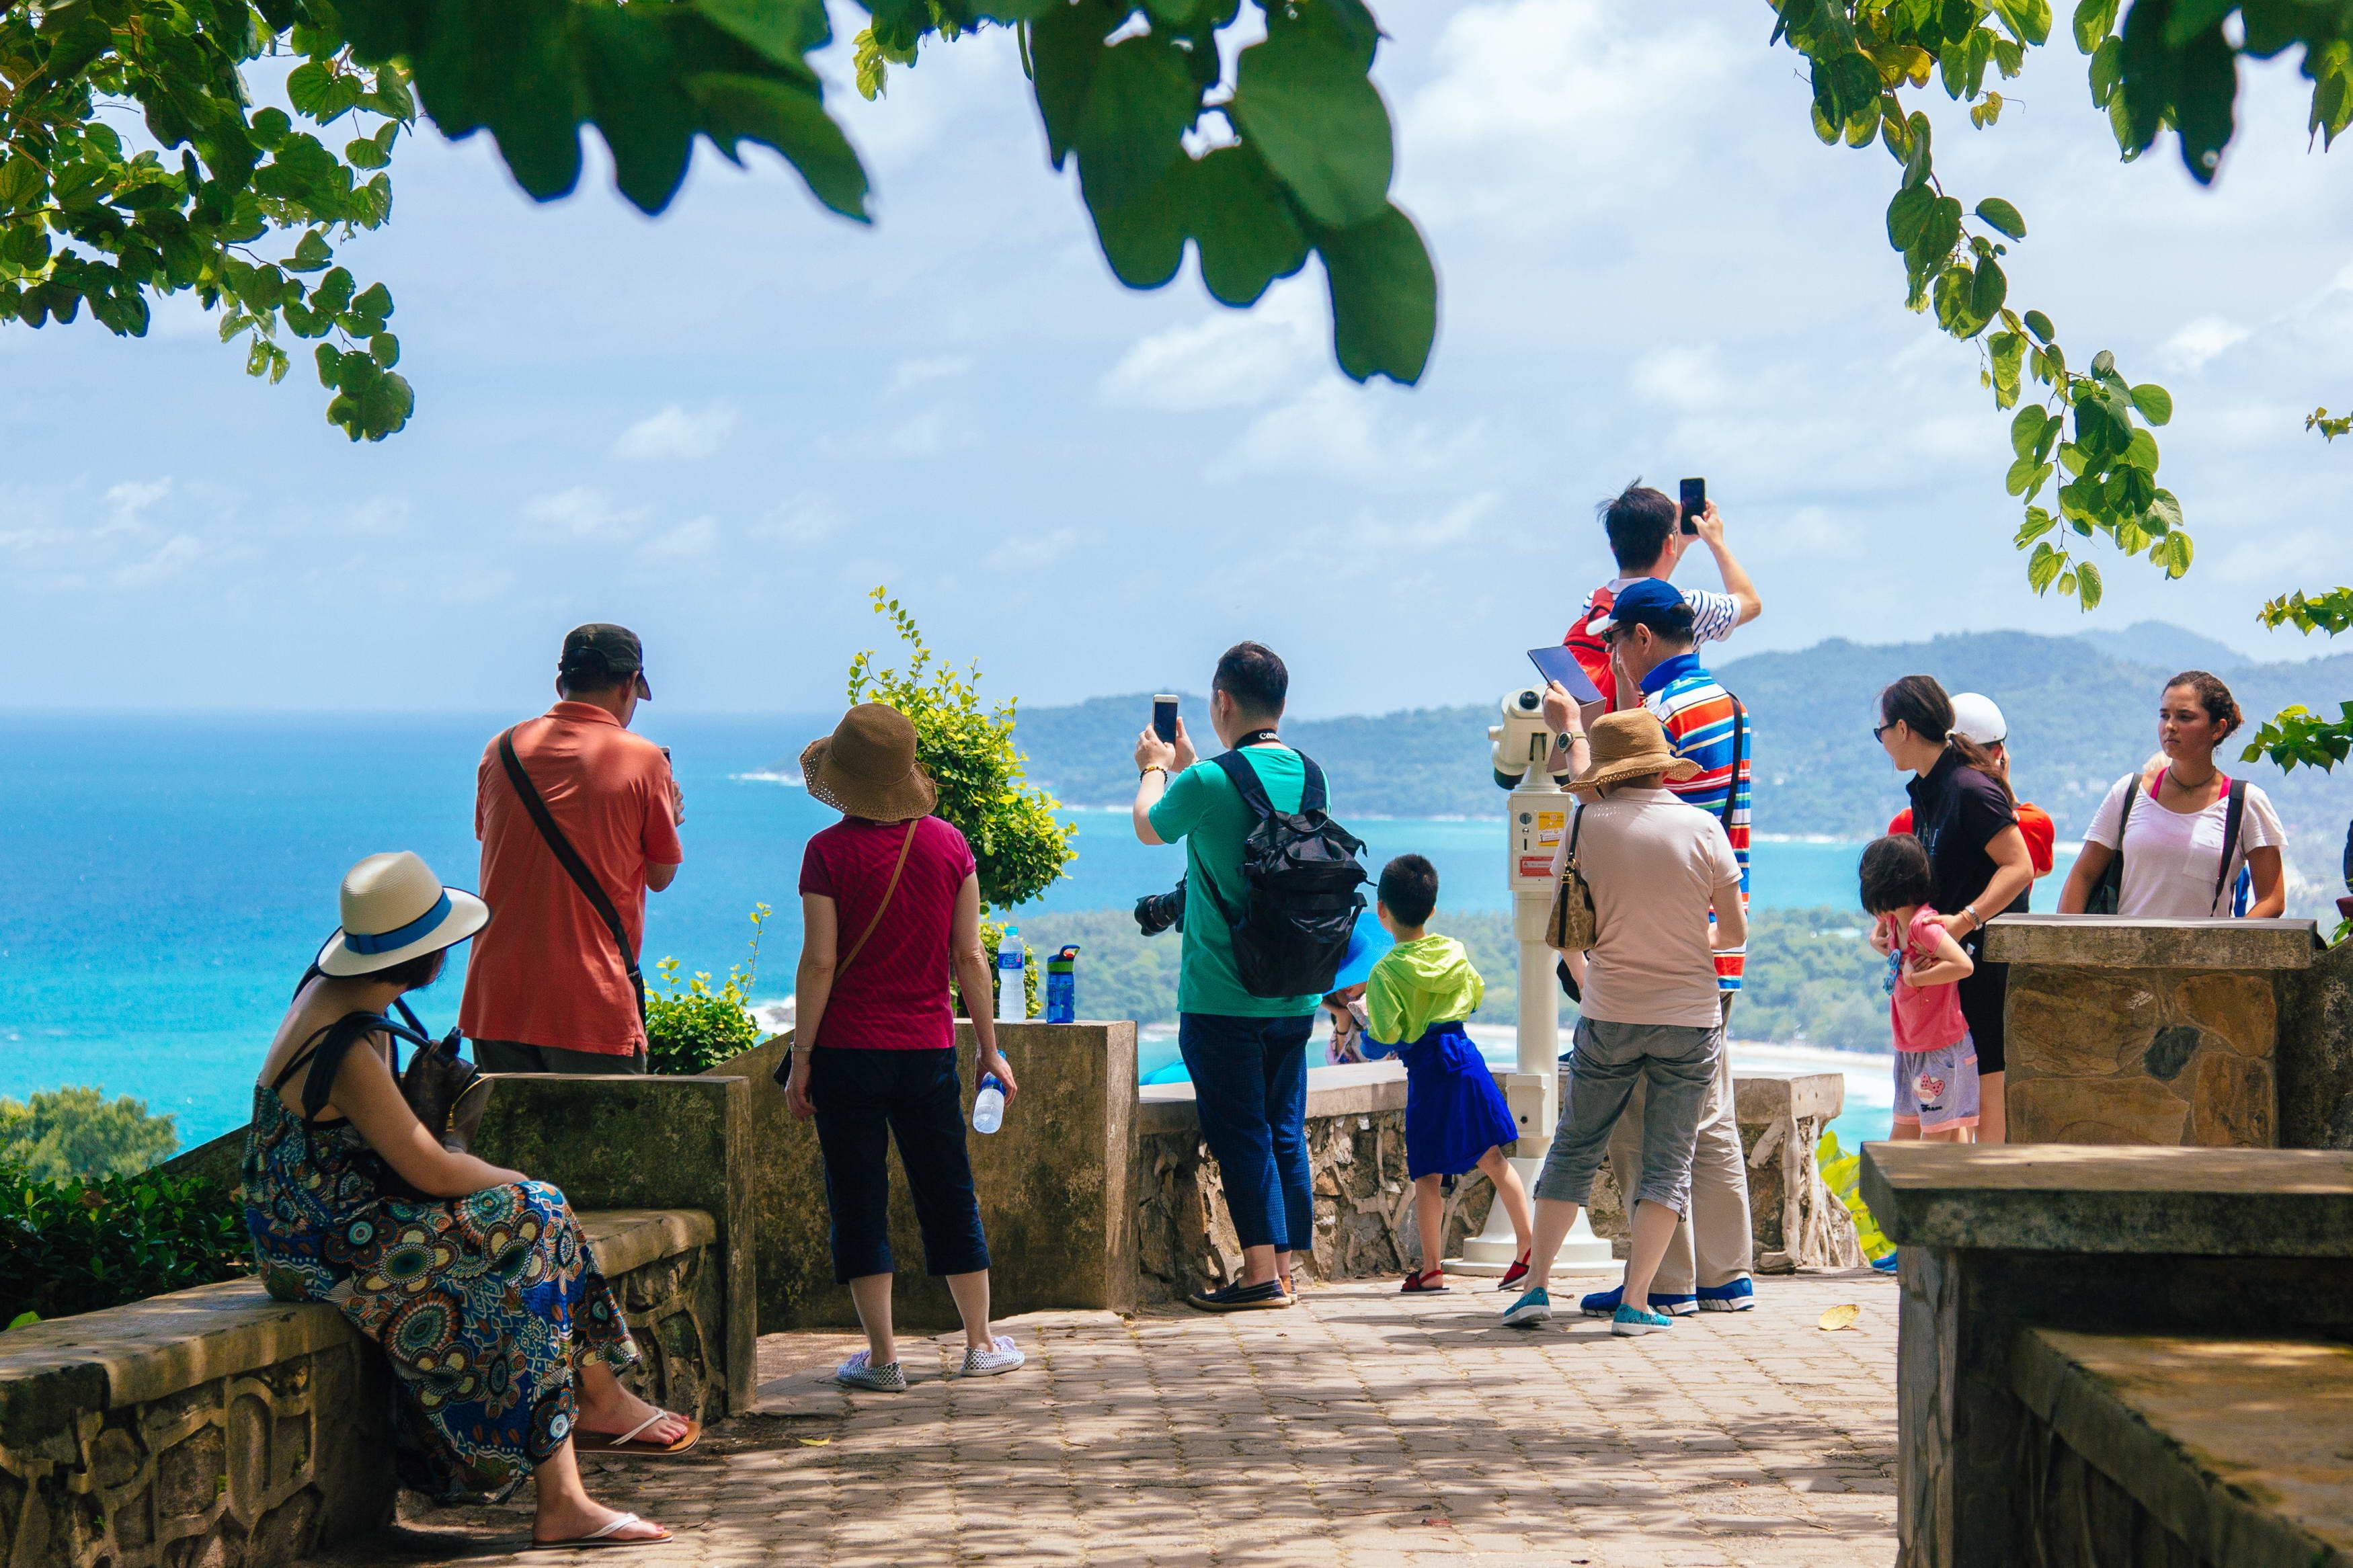 В Таиланде могут отменить визы по прибытии для туристов из Китая